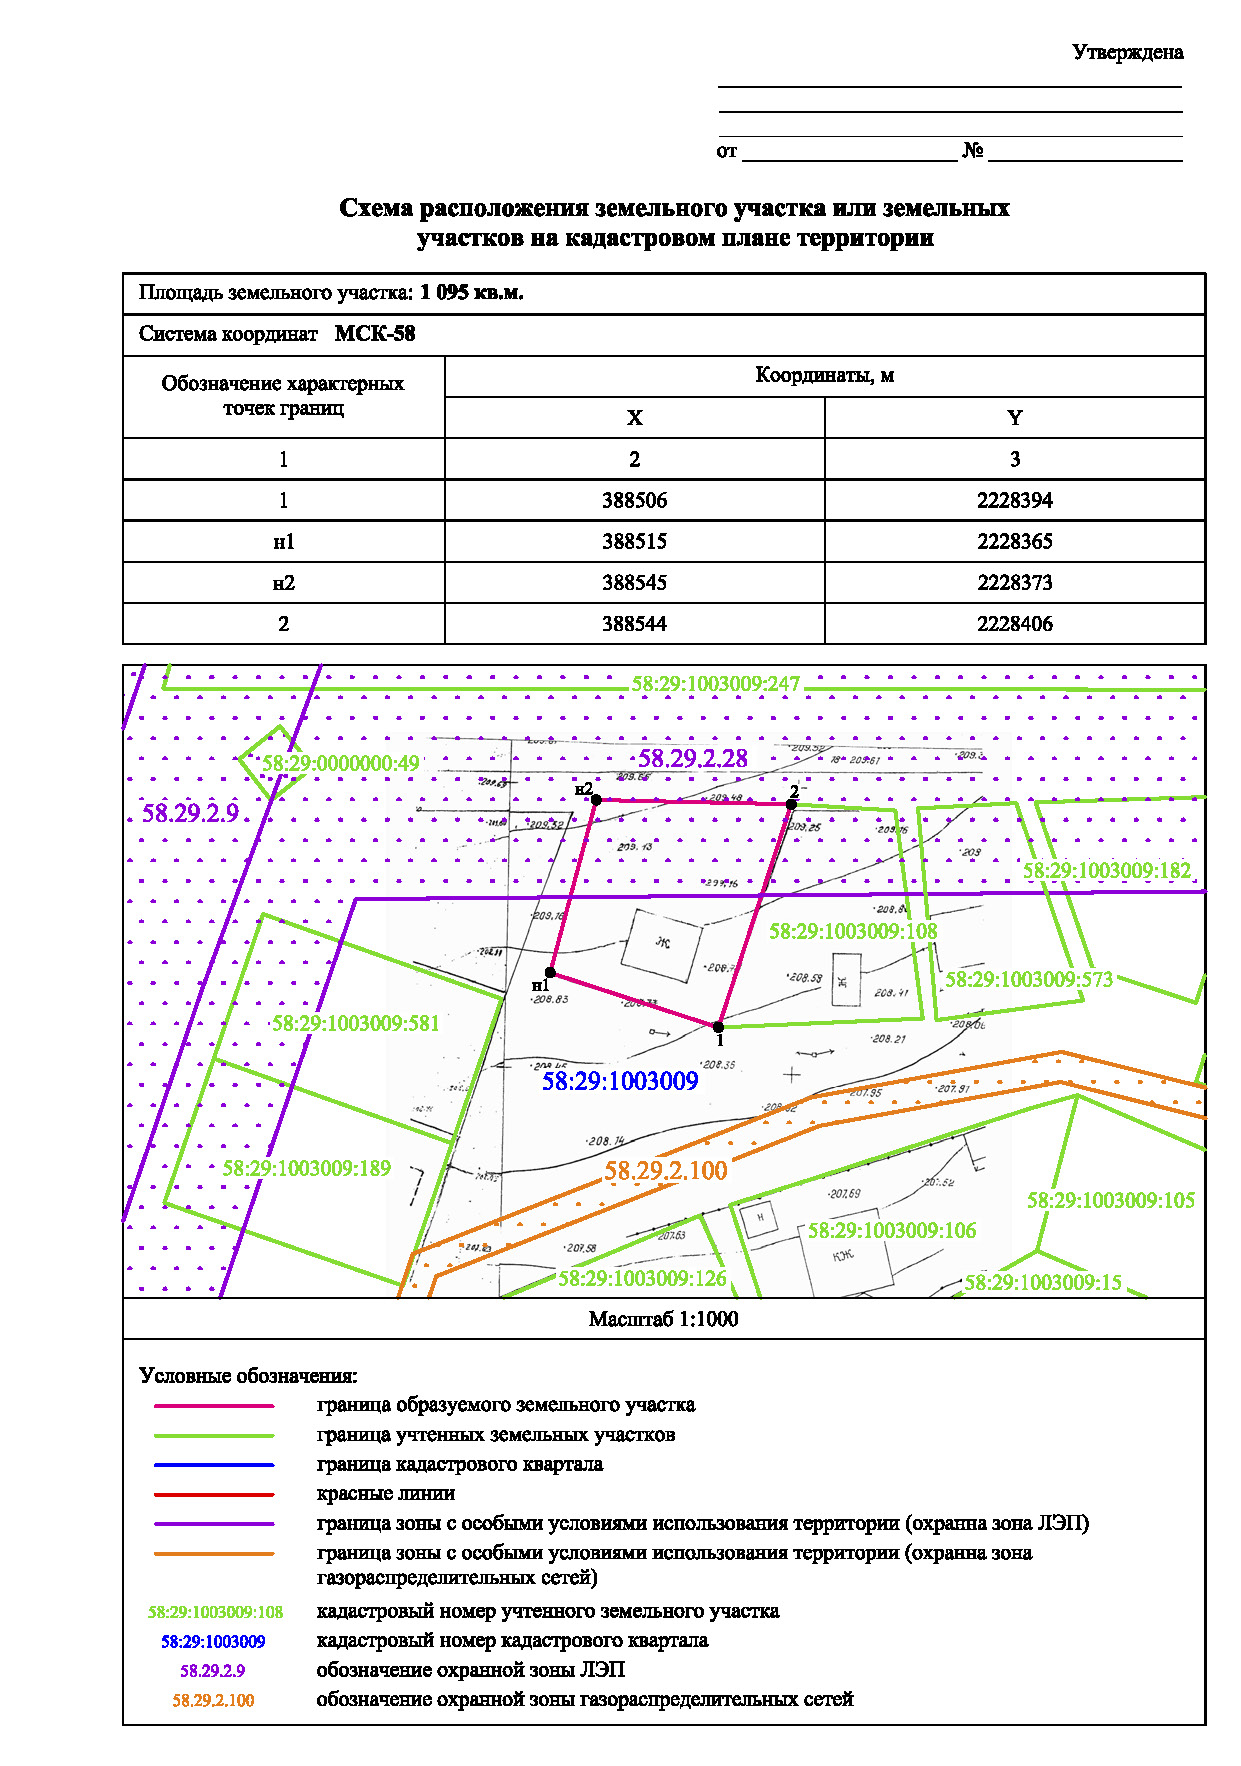 Требования к схеме расположения земельного участка